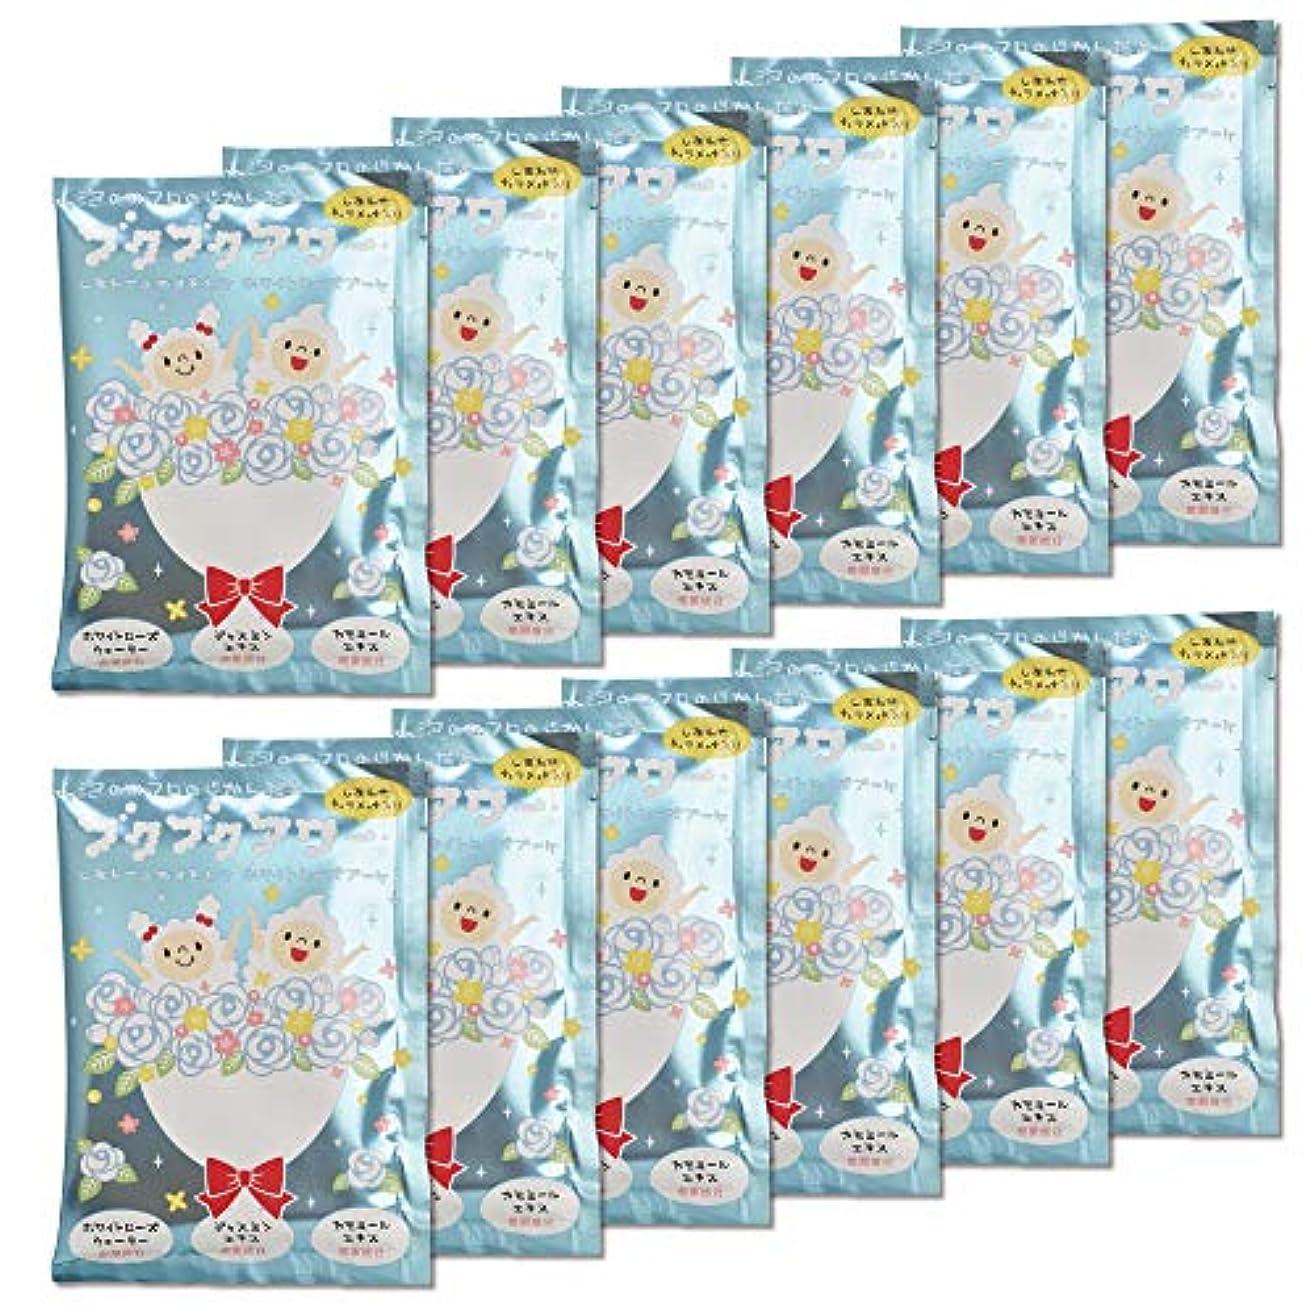 識字乳白取り壊すブクブクアワー ホワイト ローズ ブーケ 入浴剤 40g 1回分×12包入 大容量 まとめ買い